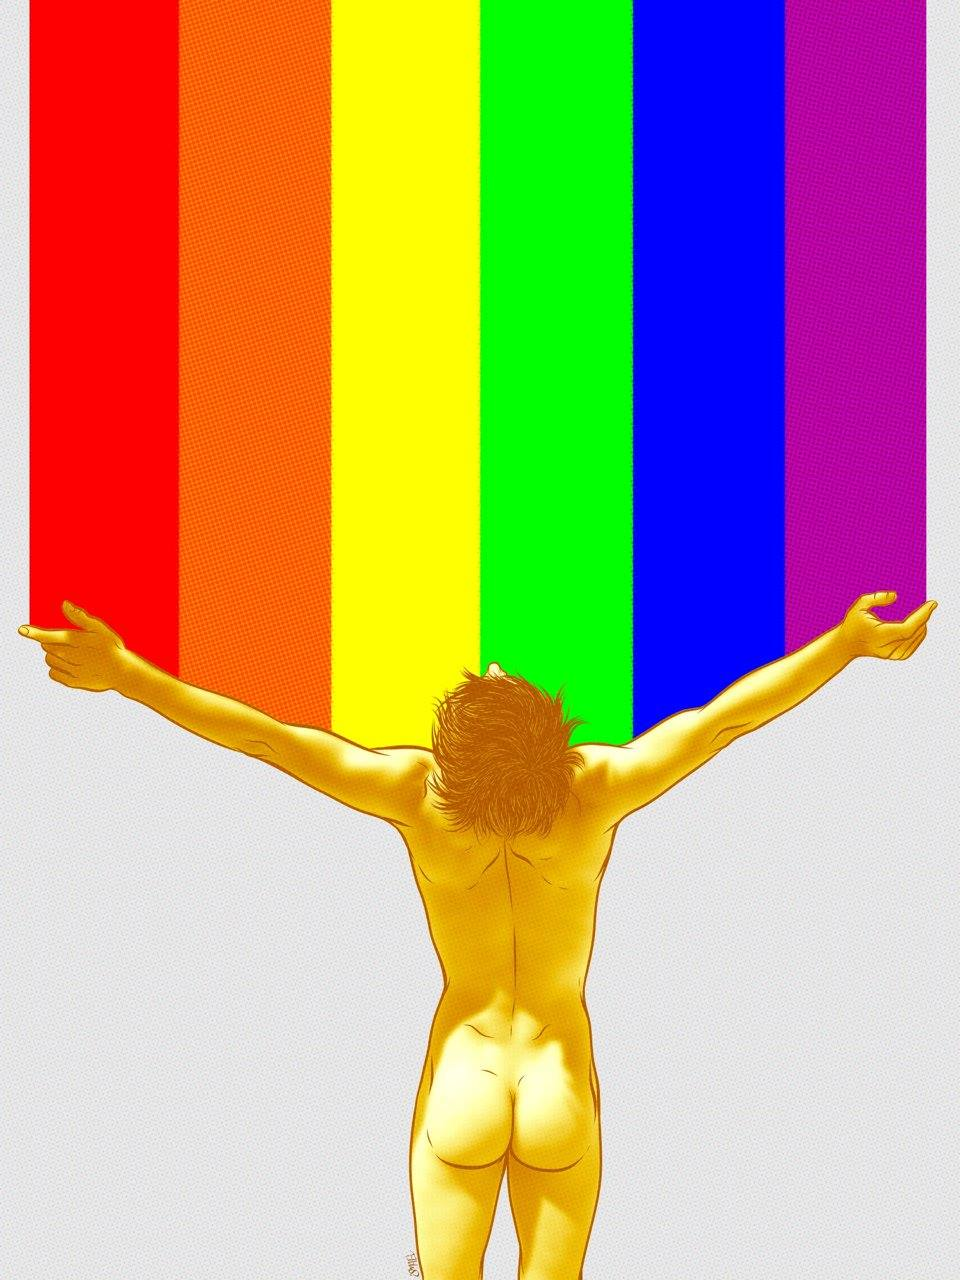 Dia Internacional del Orgullo LGBT